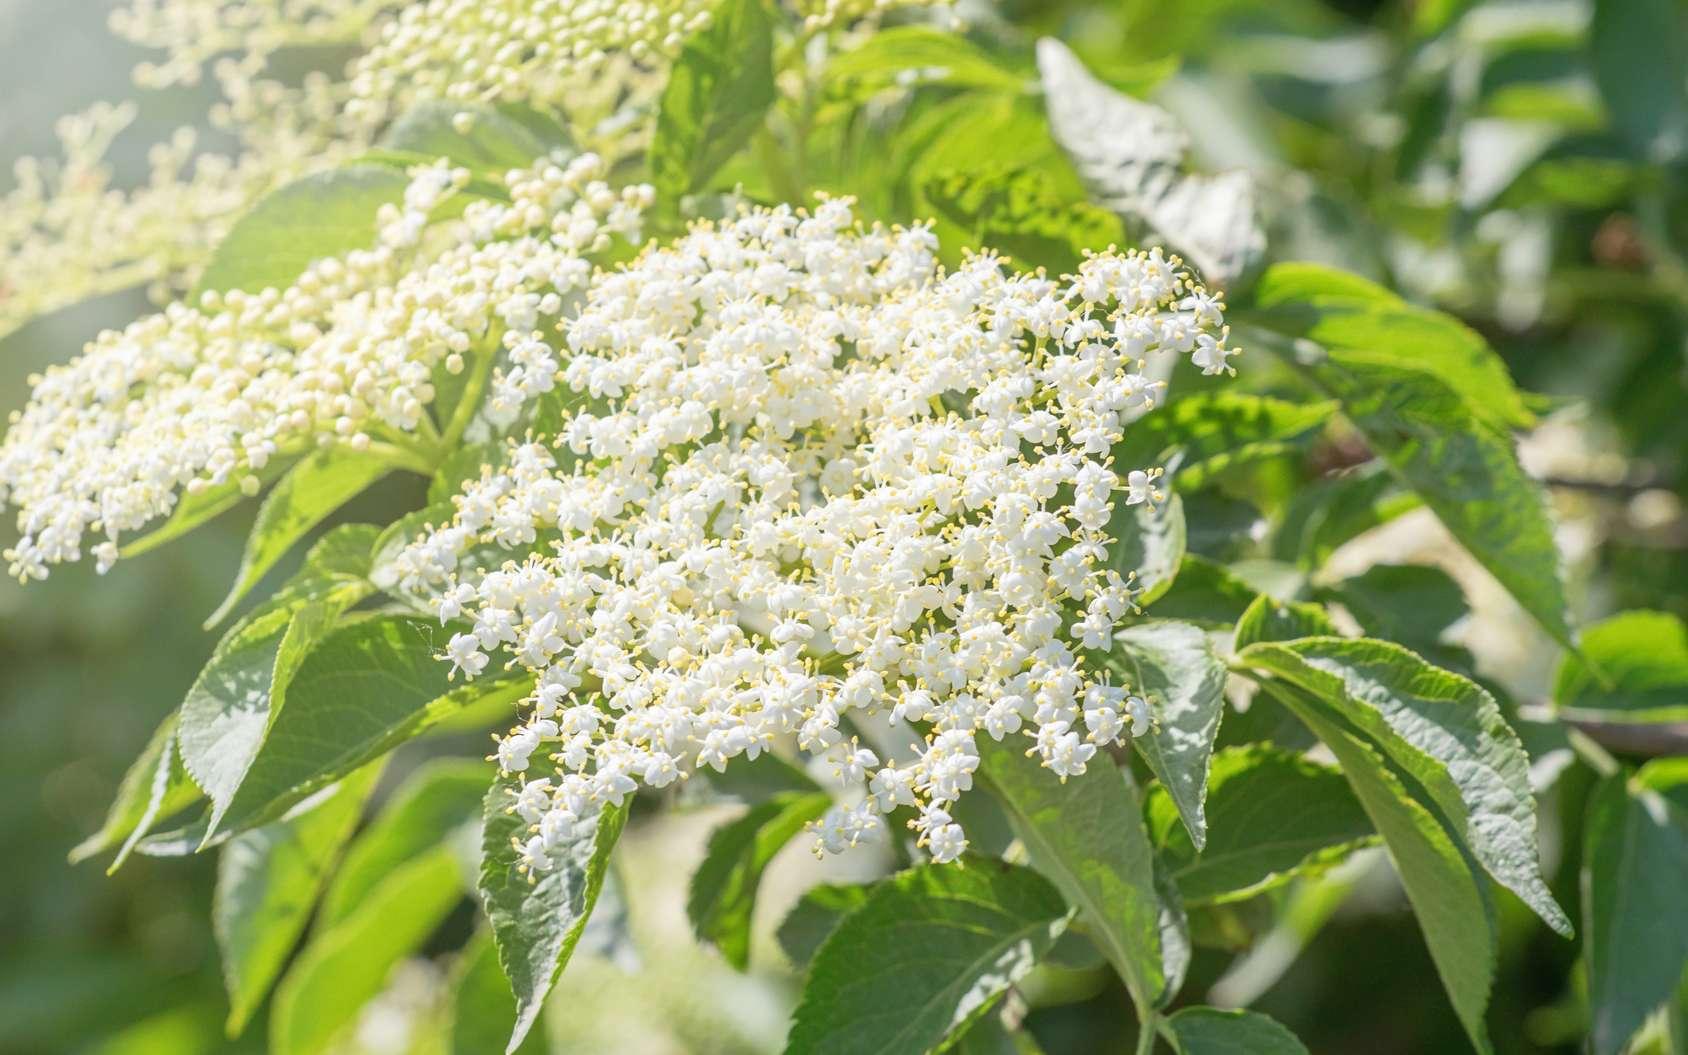 Les fleurs blanches du sureau vont donner des baies noires. © allexxandarx, Fotolia